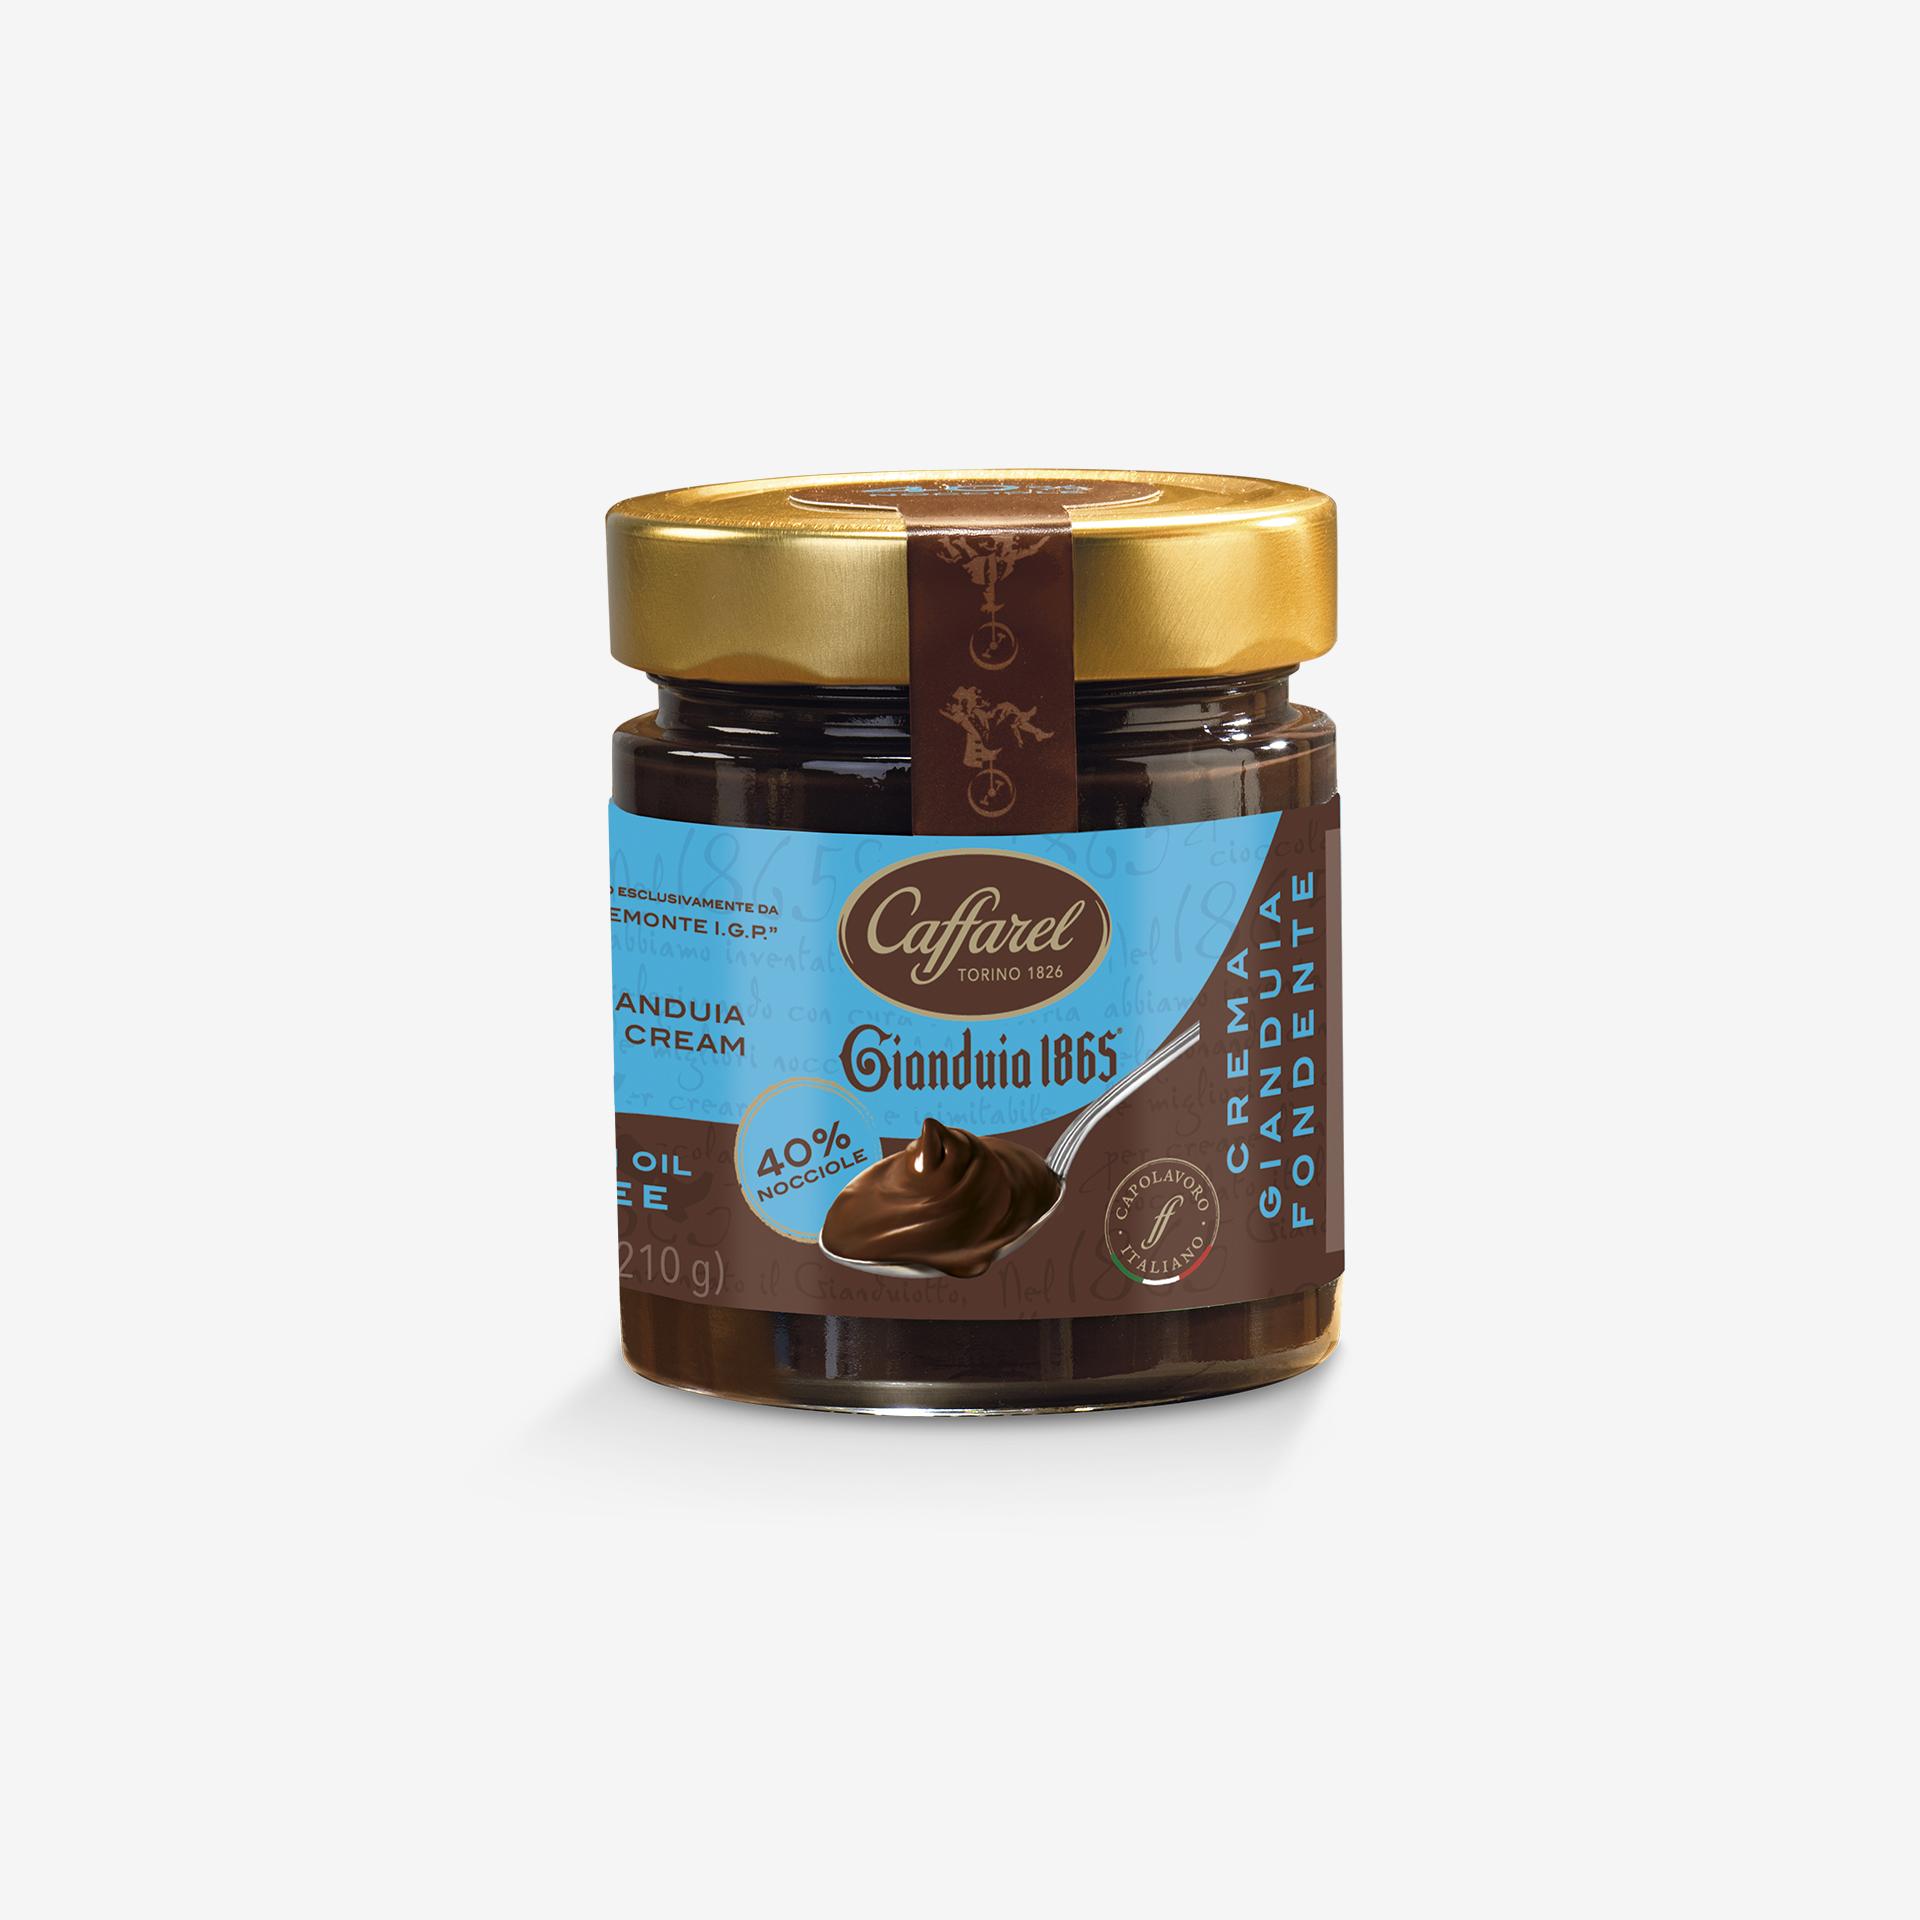 Gianduia 1865: Dark Cream 40% with Piedmont Hazelnuts P.G.I.